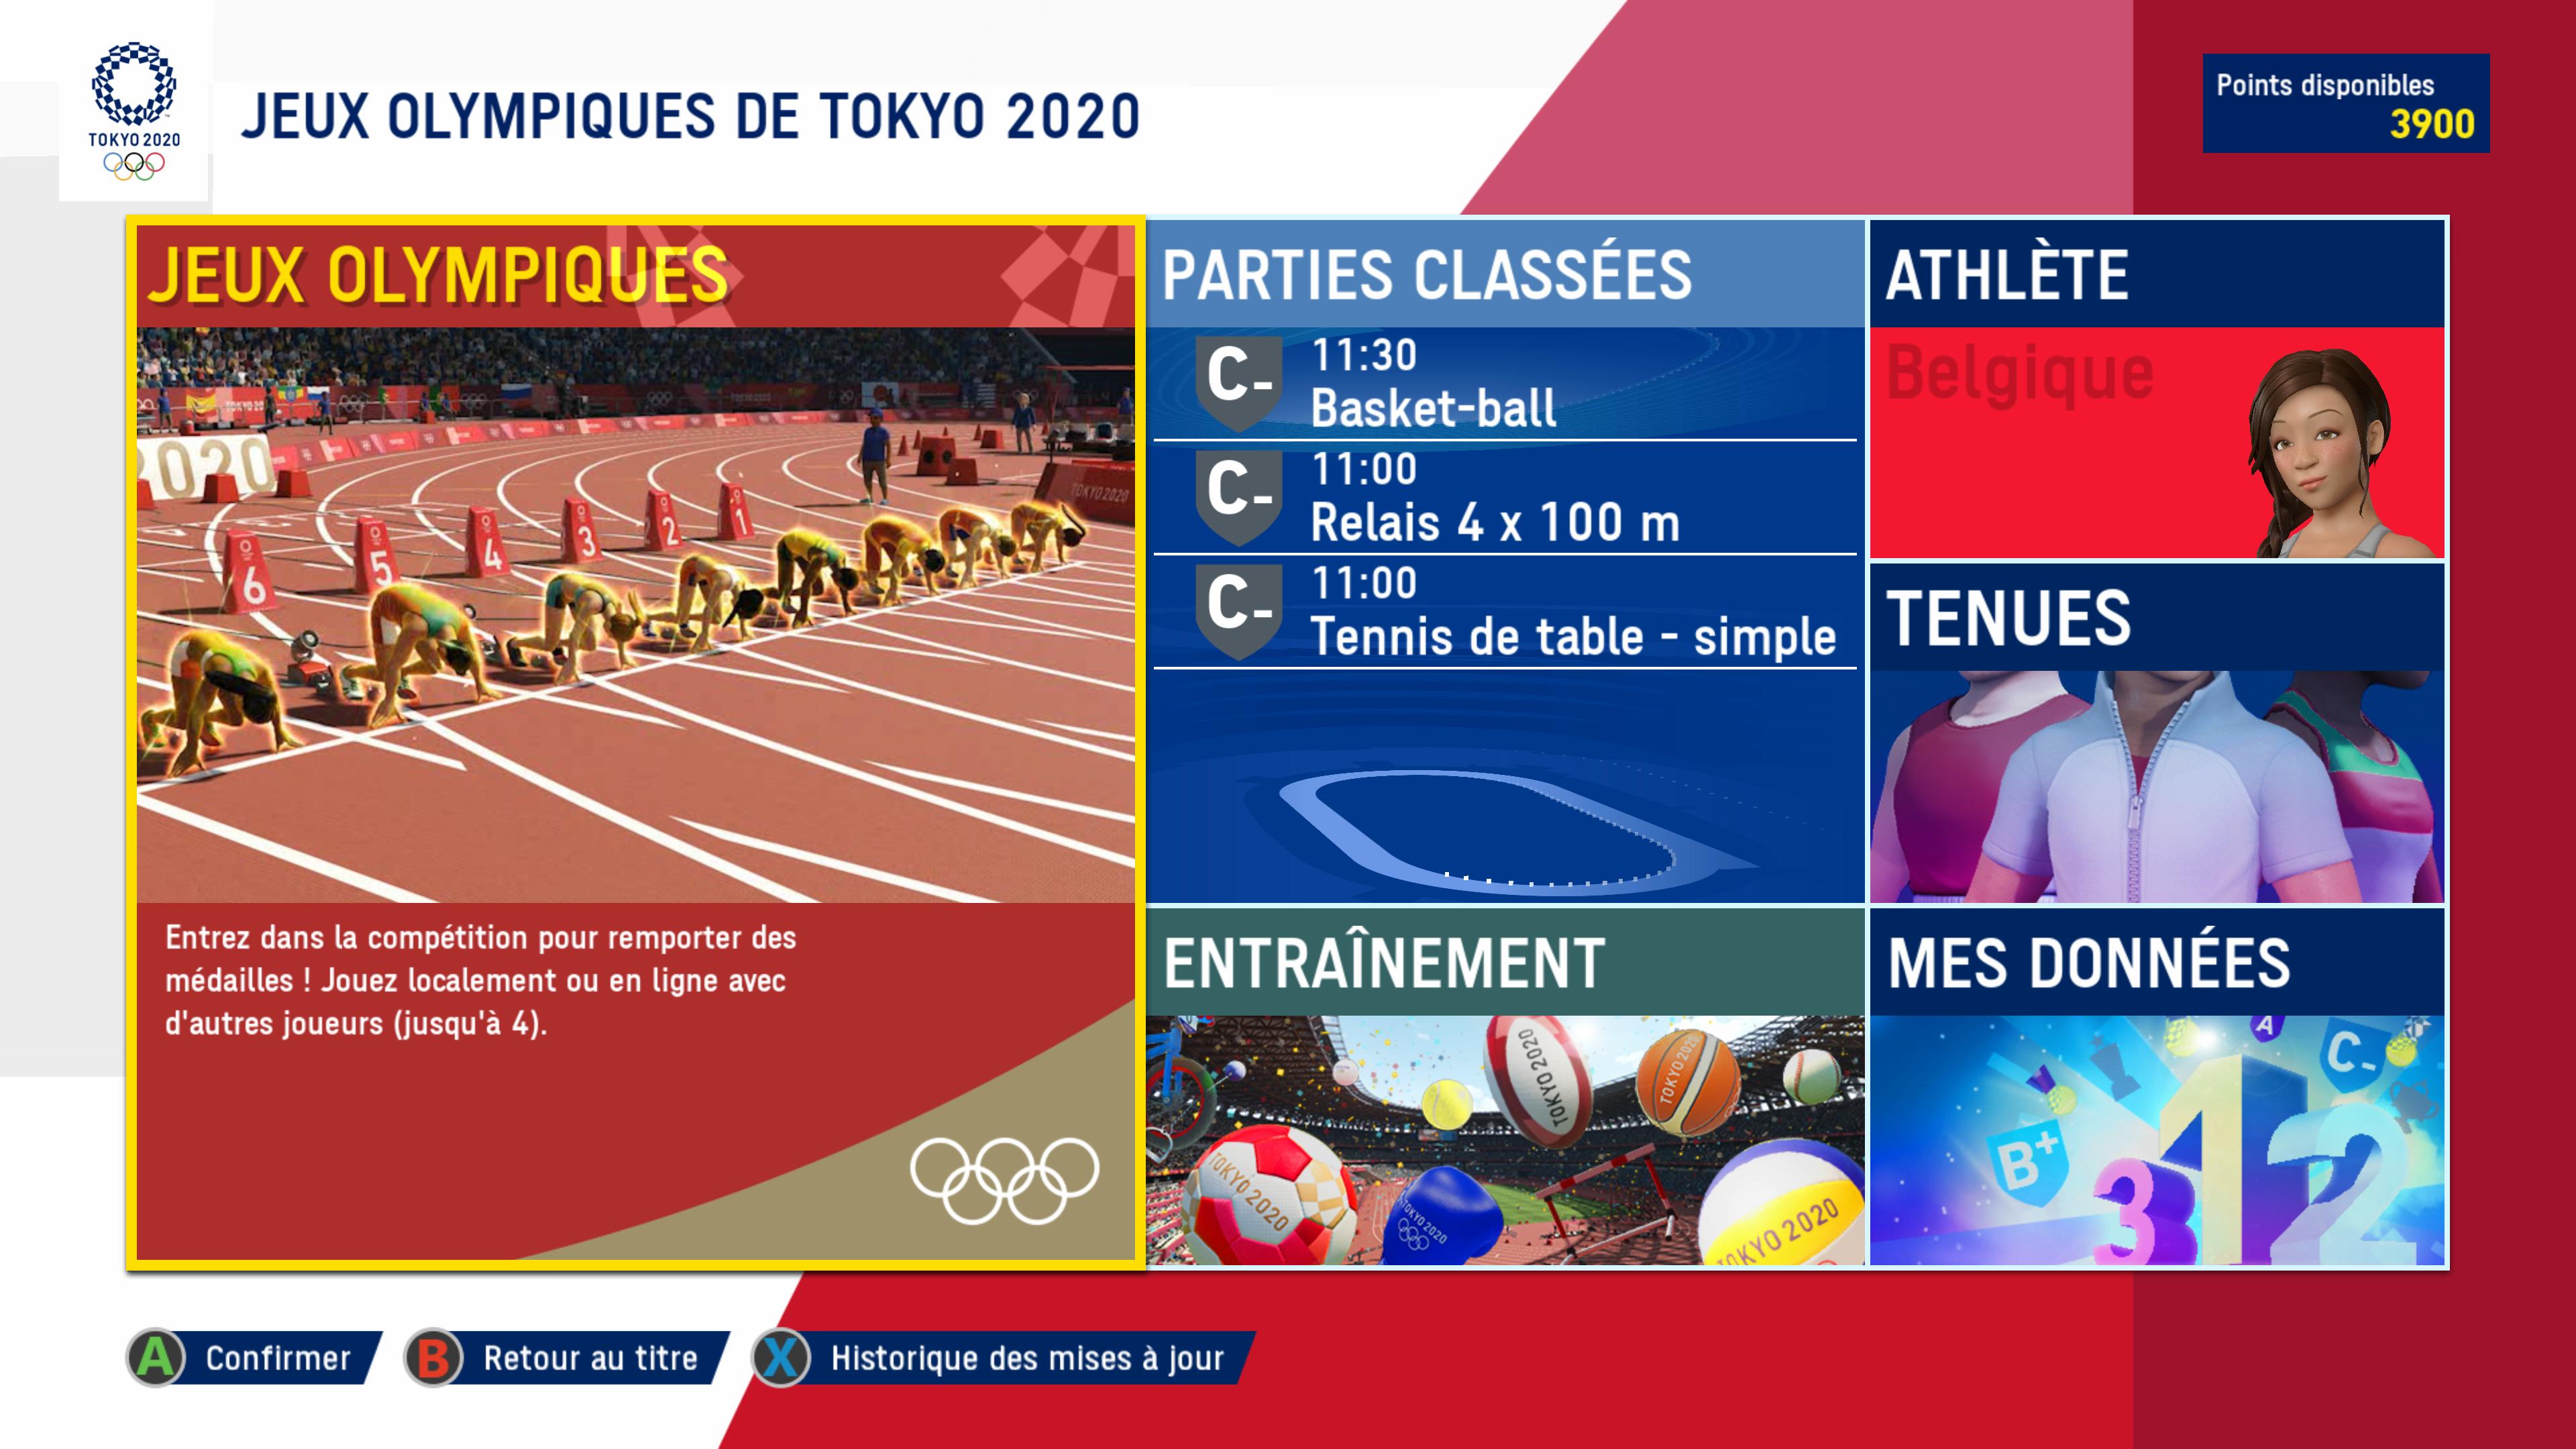 Jeux Olympiques de Tokyo 2020 – le jeu vidéo officiel™ (14)